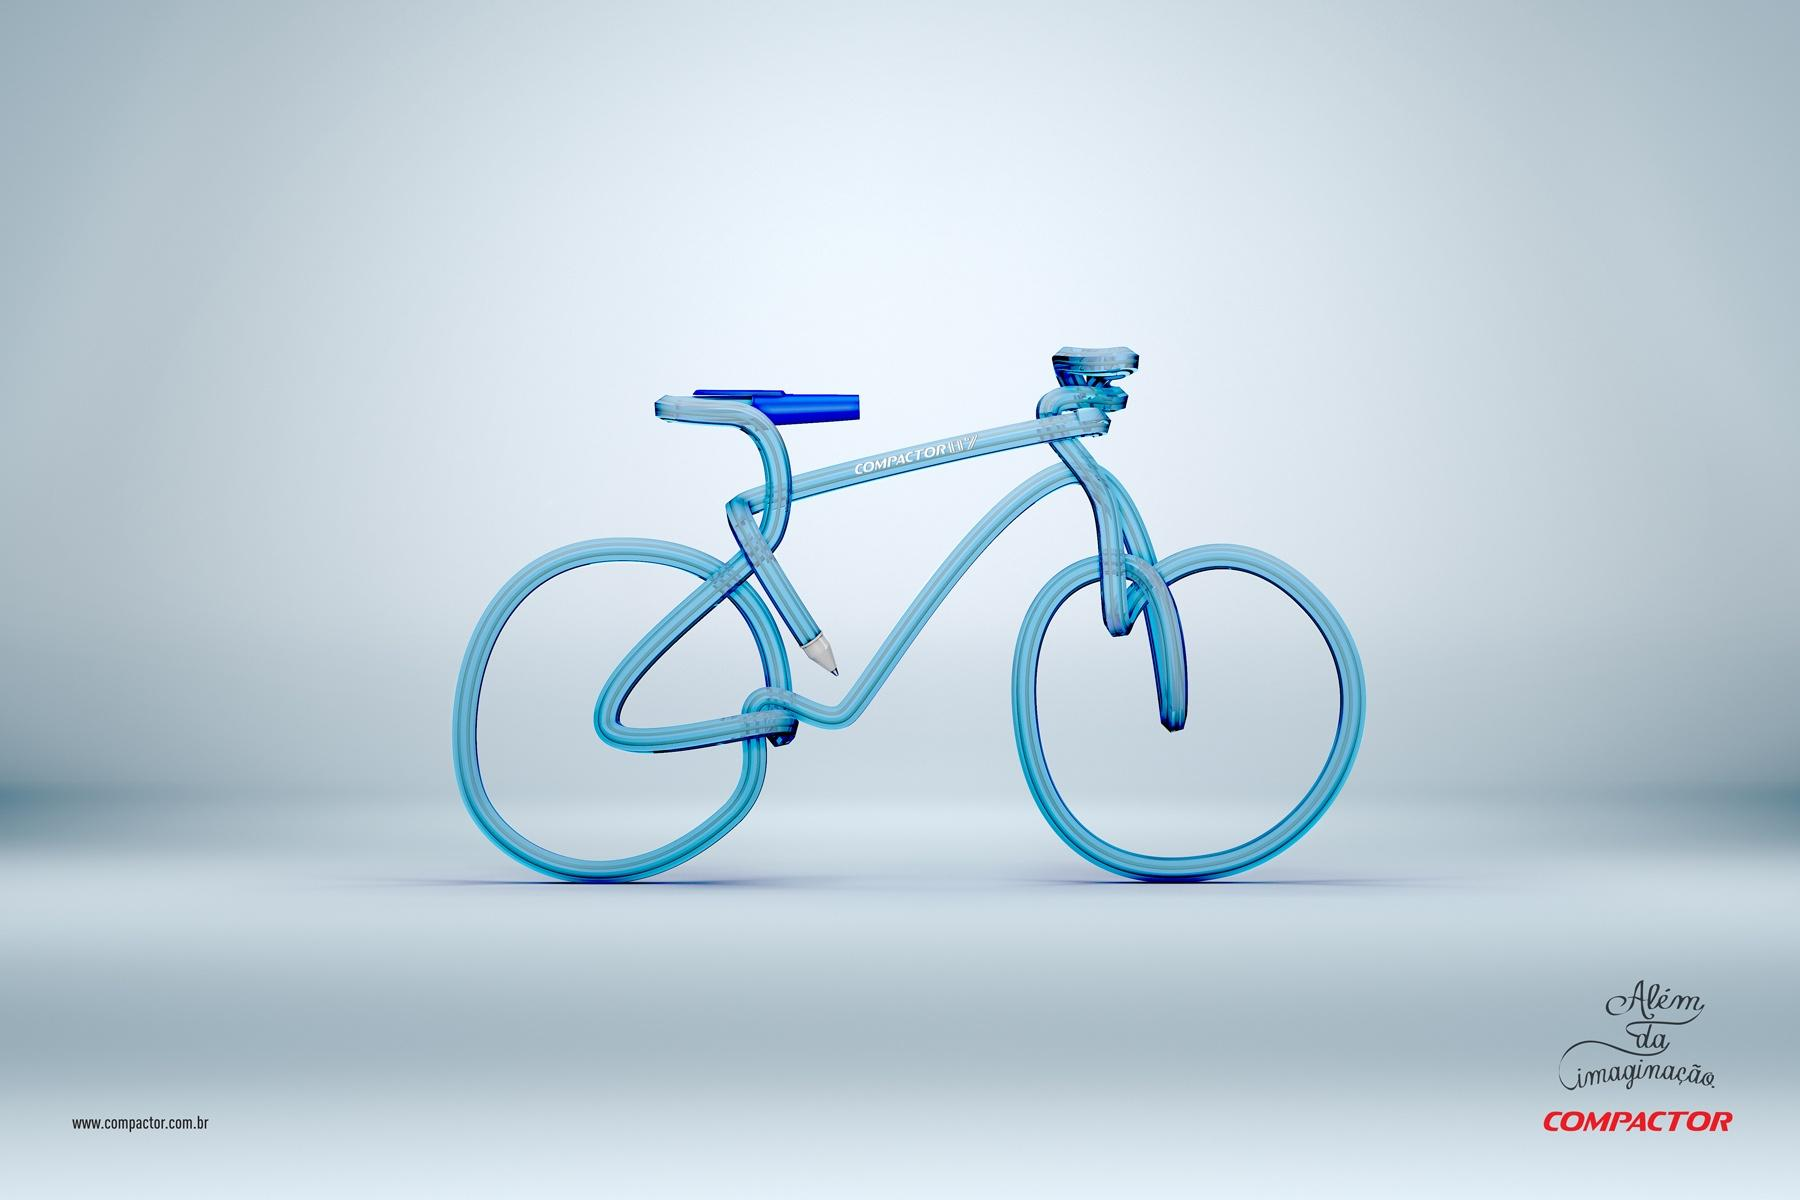 Compactor Print Ad -  Bike